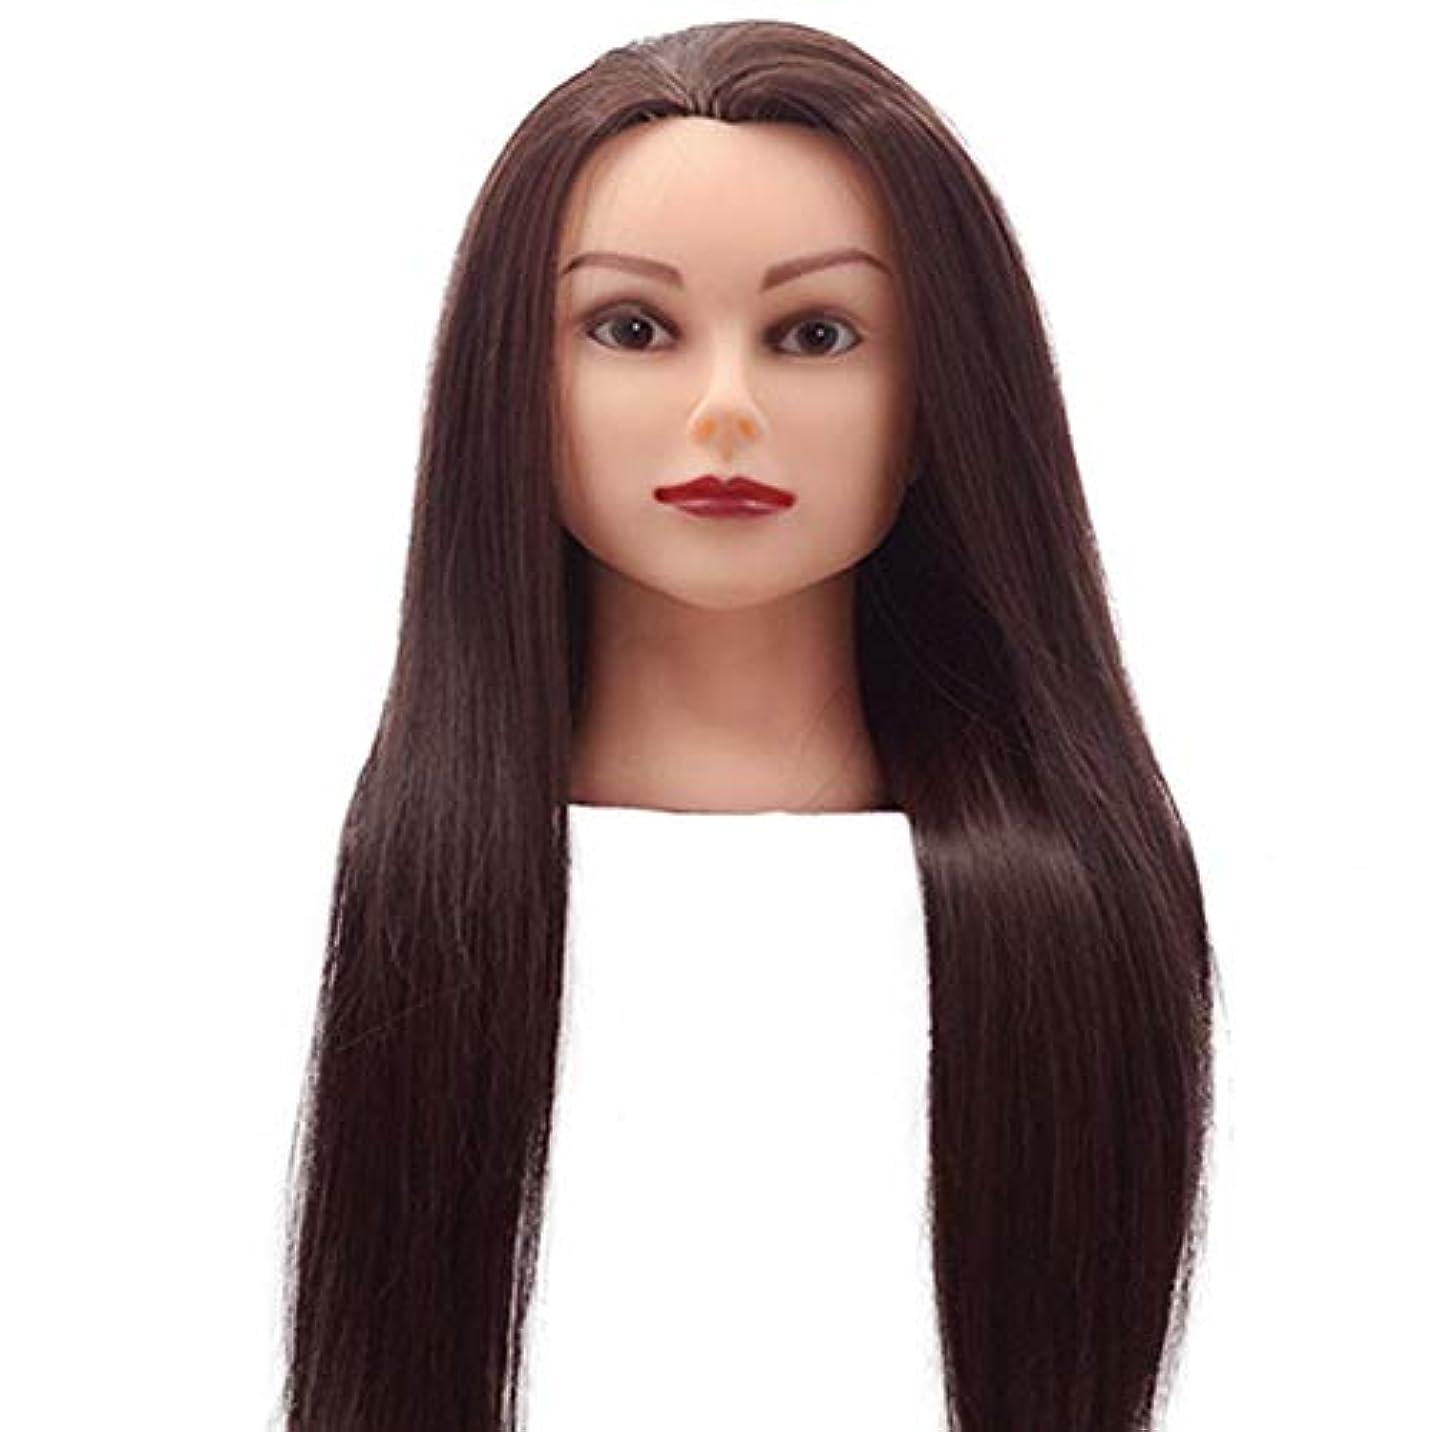 彼女メディア物語理髪モデルヘッド花嫁の髪編組三つ編み学習ヘッドモデル理髪店美容散髪ダミーエクササイズヘッド